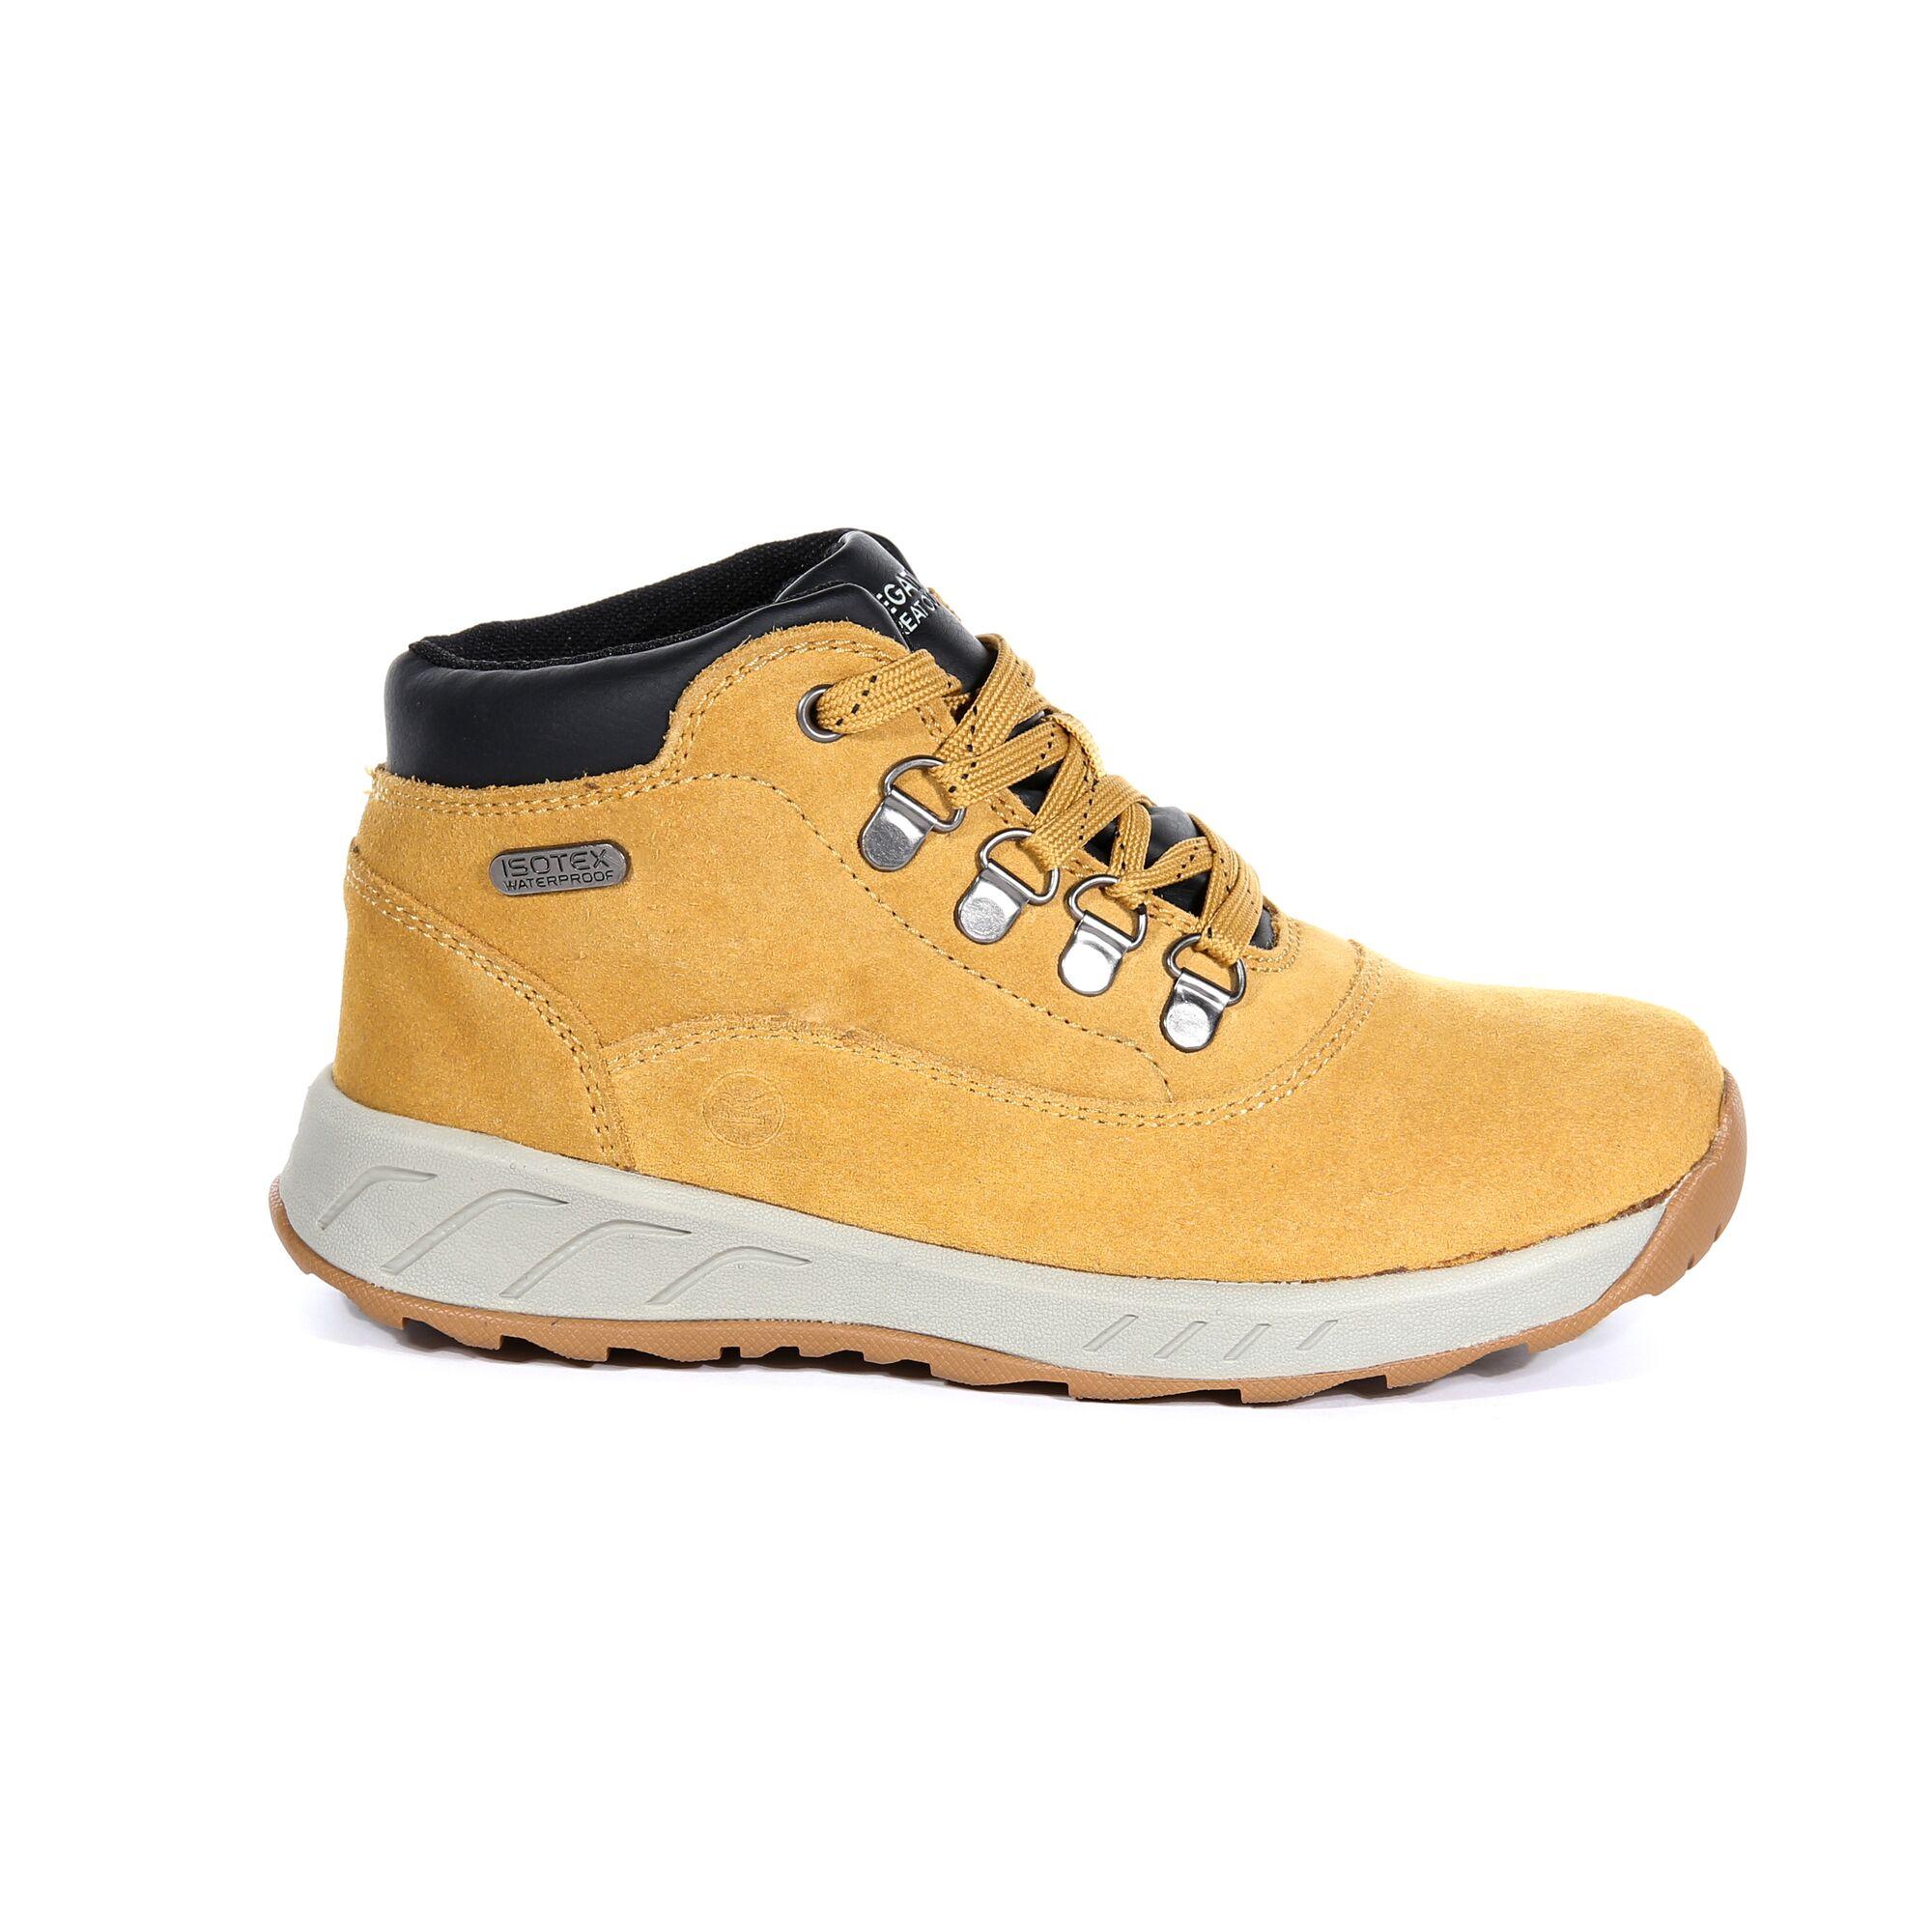 Regatta-Childrens-Kids-Grimshaw-Suede-Walking-Boots-RG3053